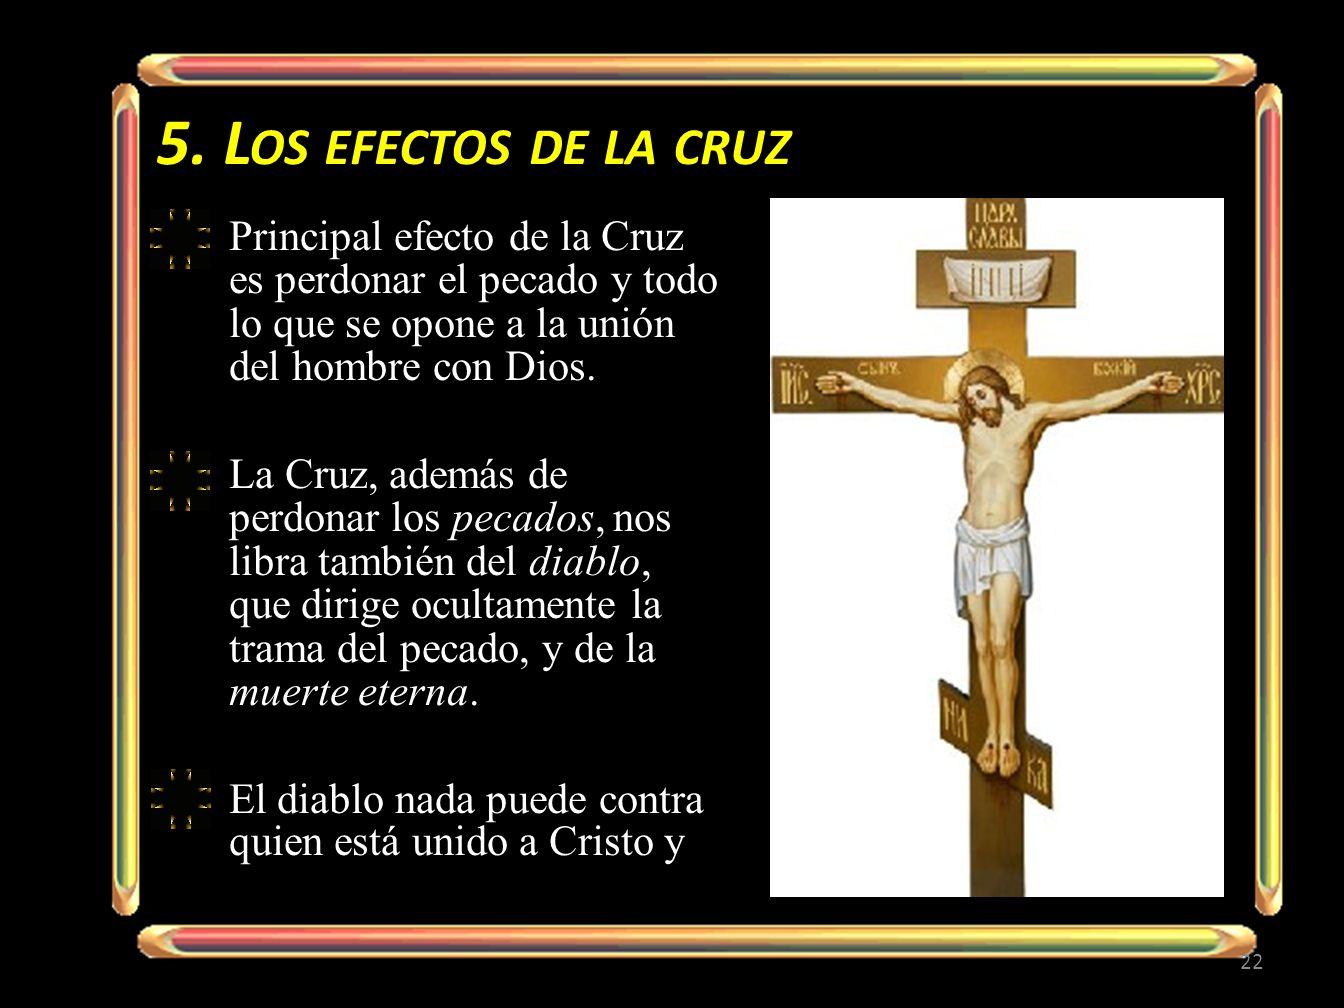 5. Los efectos de la cruzPrincipal efecto de la Cruz es perdonar el pecado y todo lo que se opone a la unión del hombre con Dios.